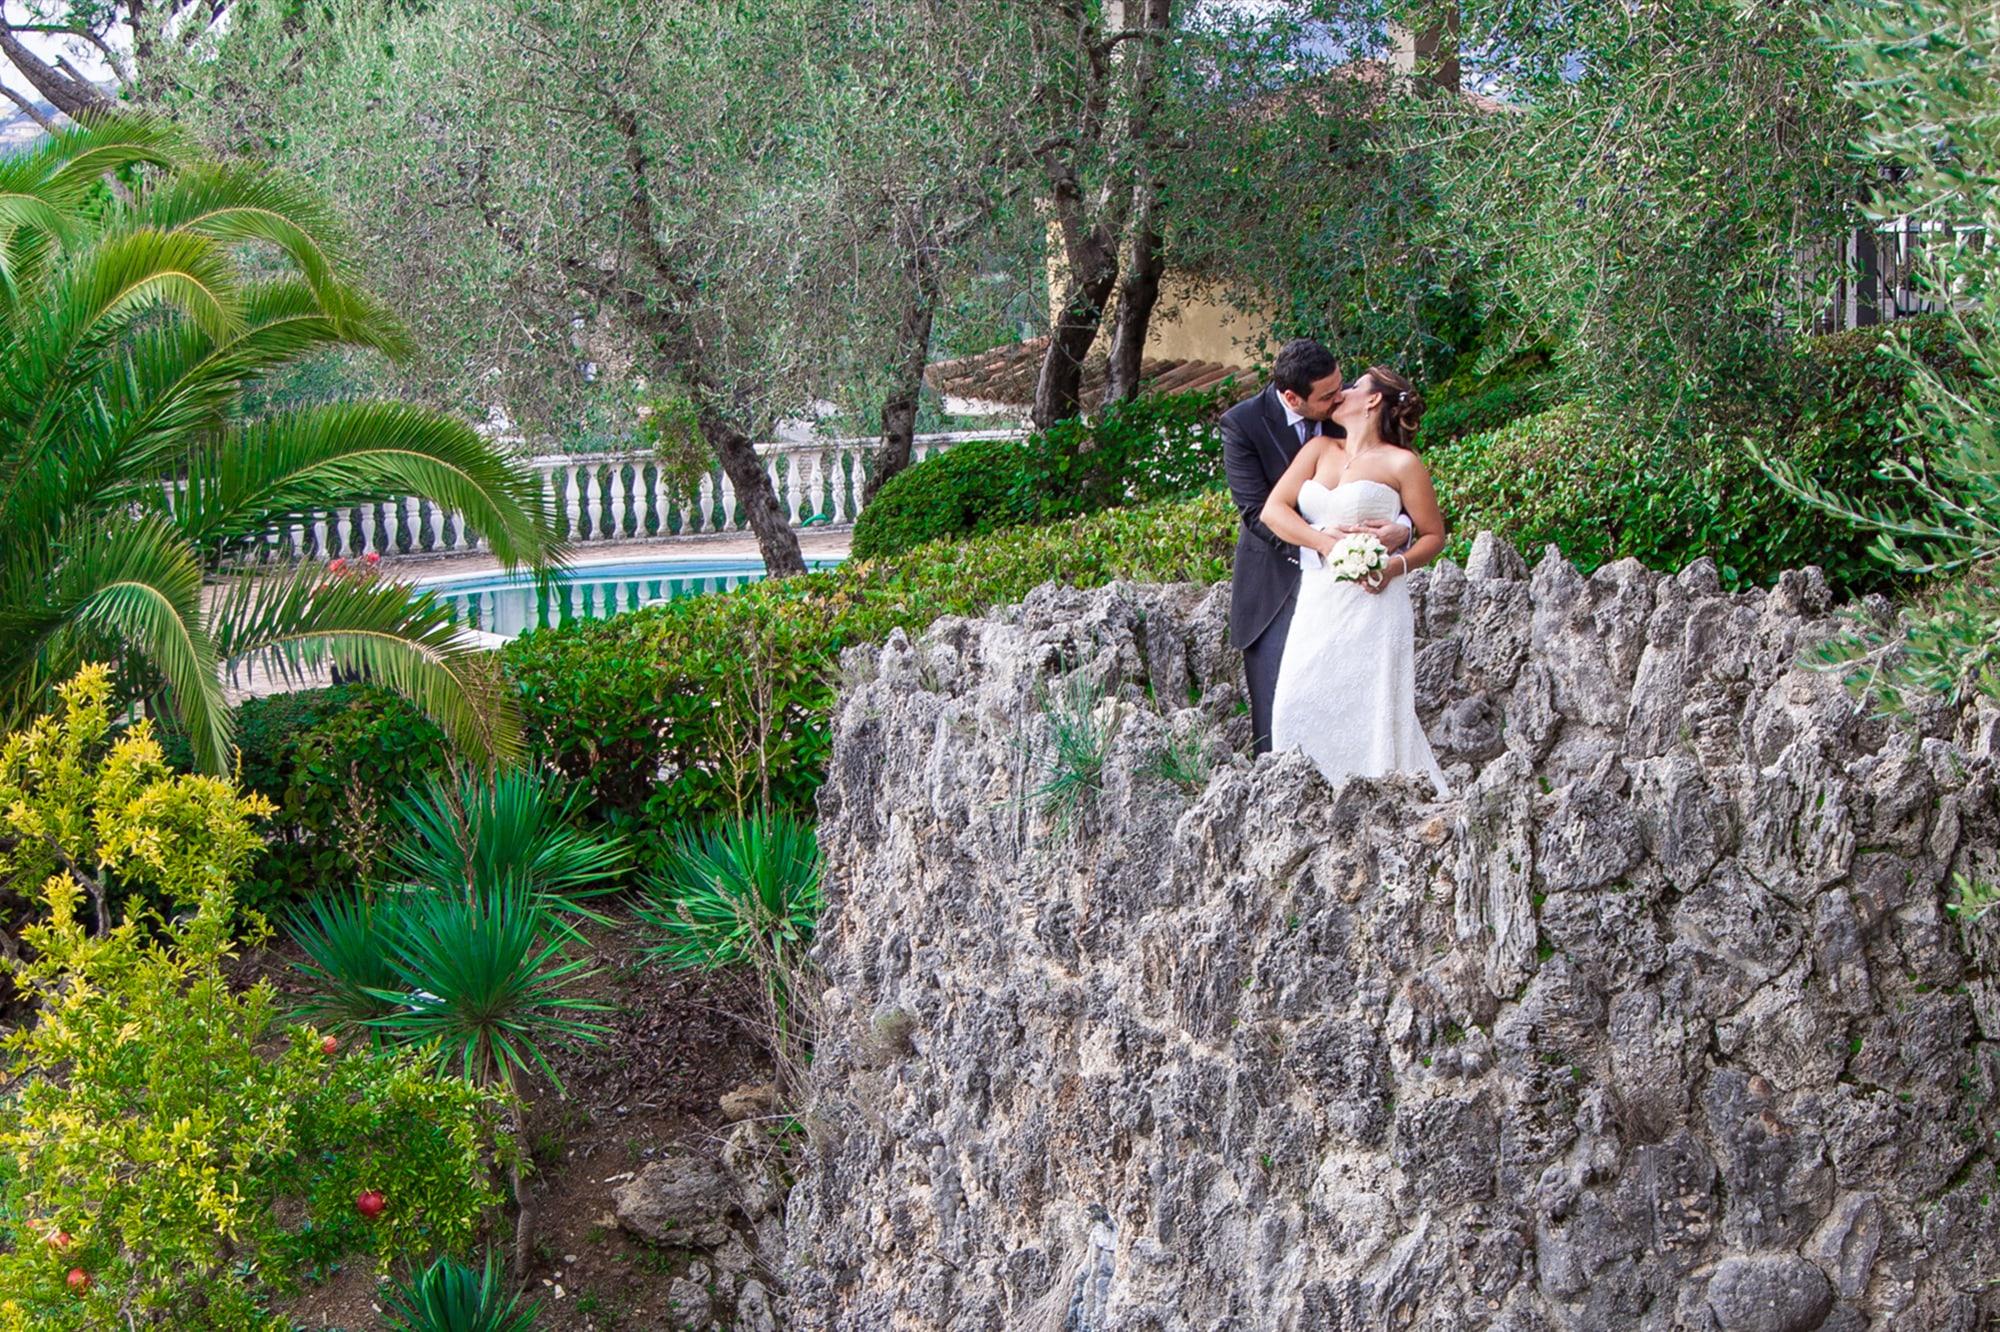 la-villa-del-colle-ristorante-albergo-hotel-monte-san-giovanni-campano-frosinone-cerimonie-matrimonio-3-min